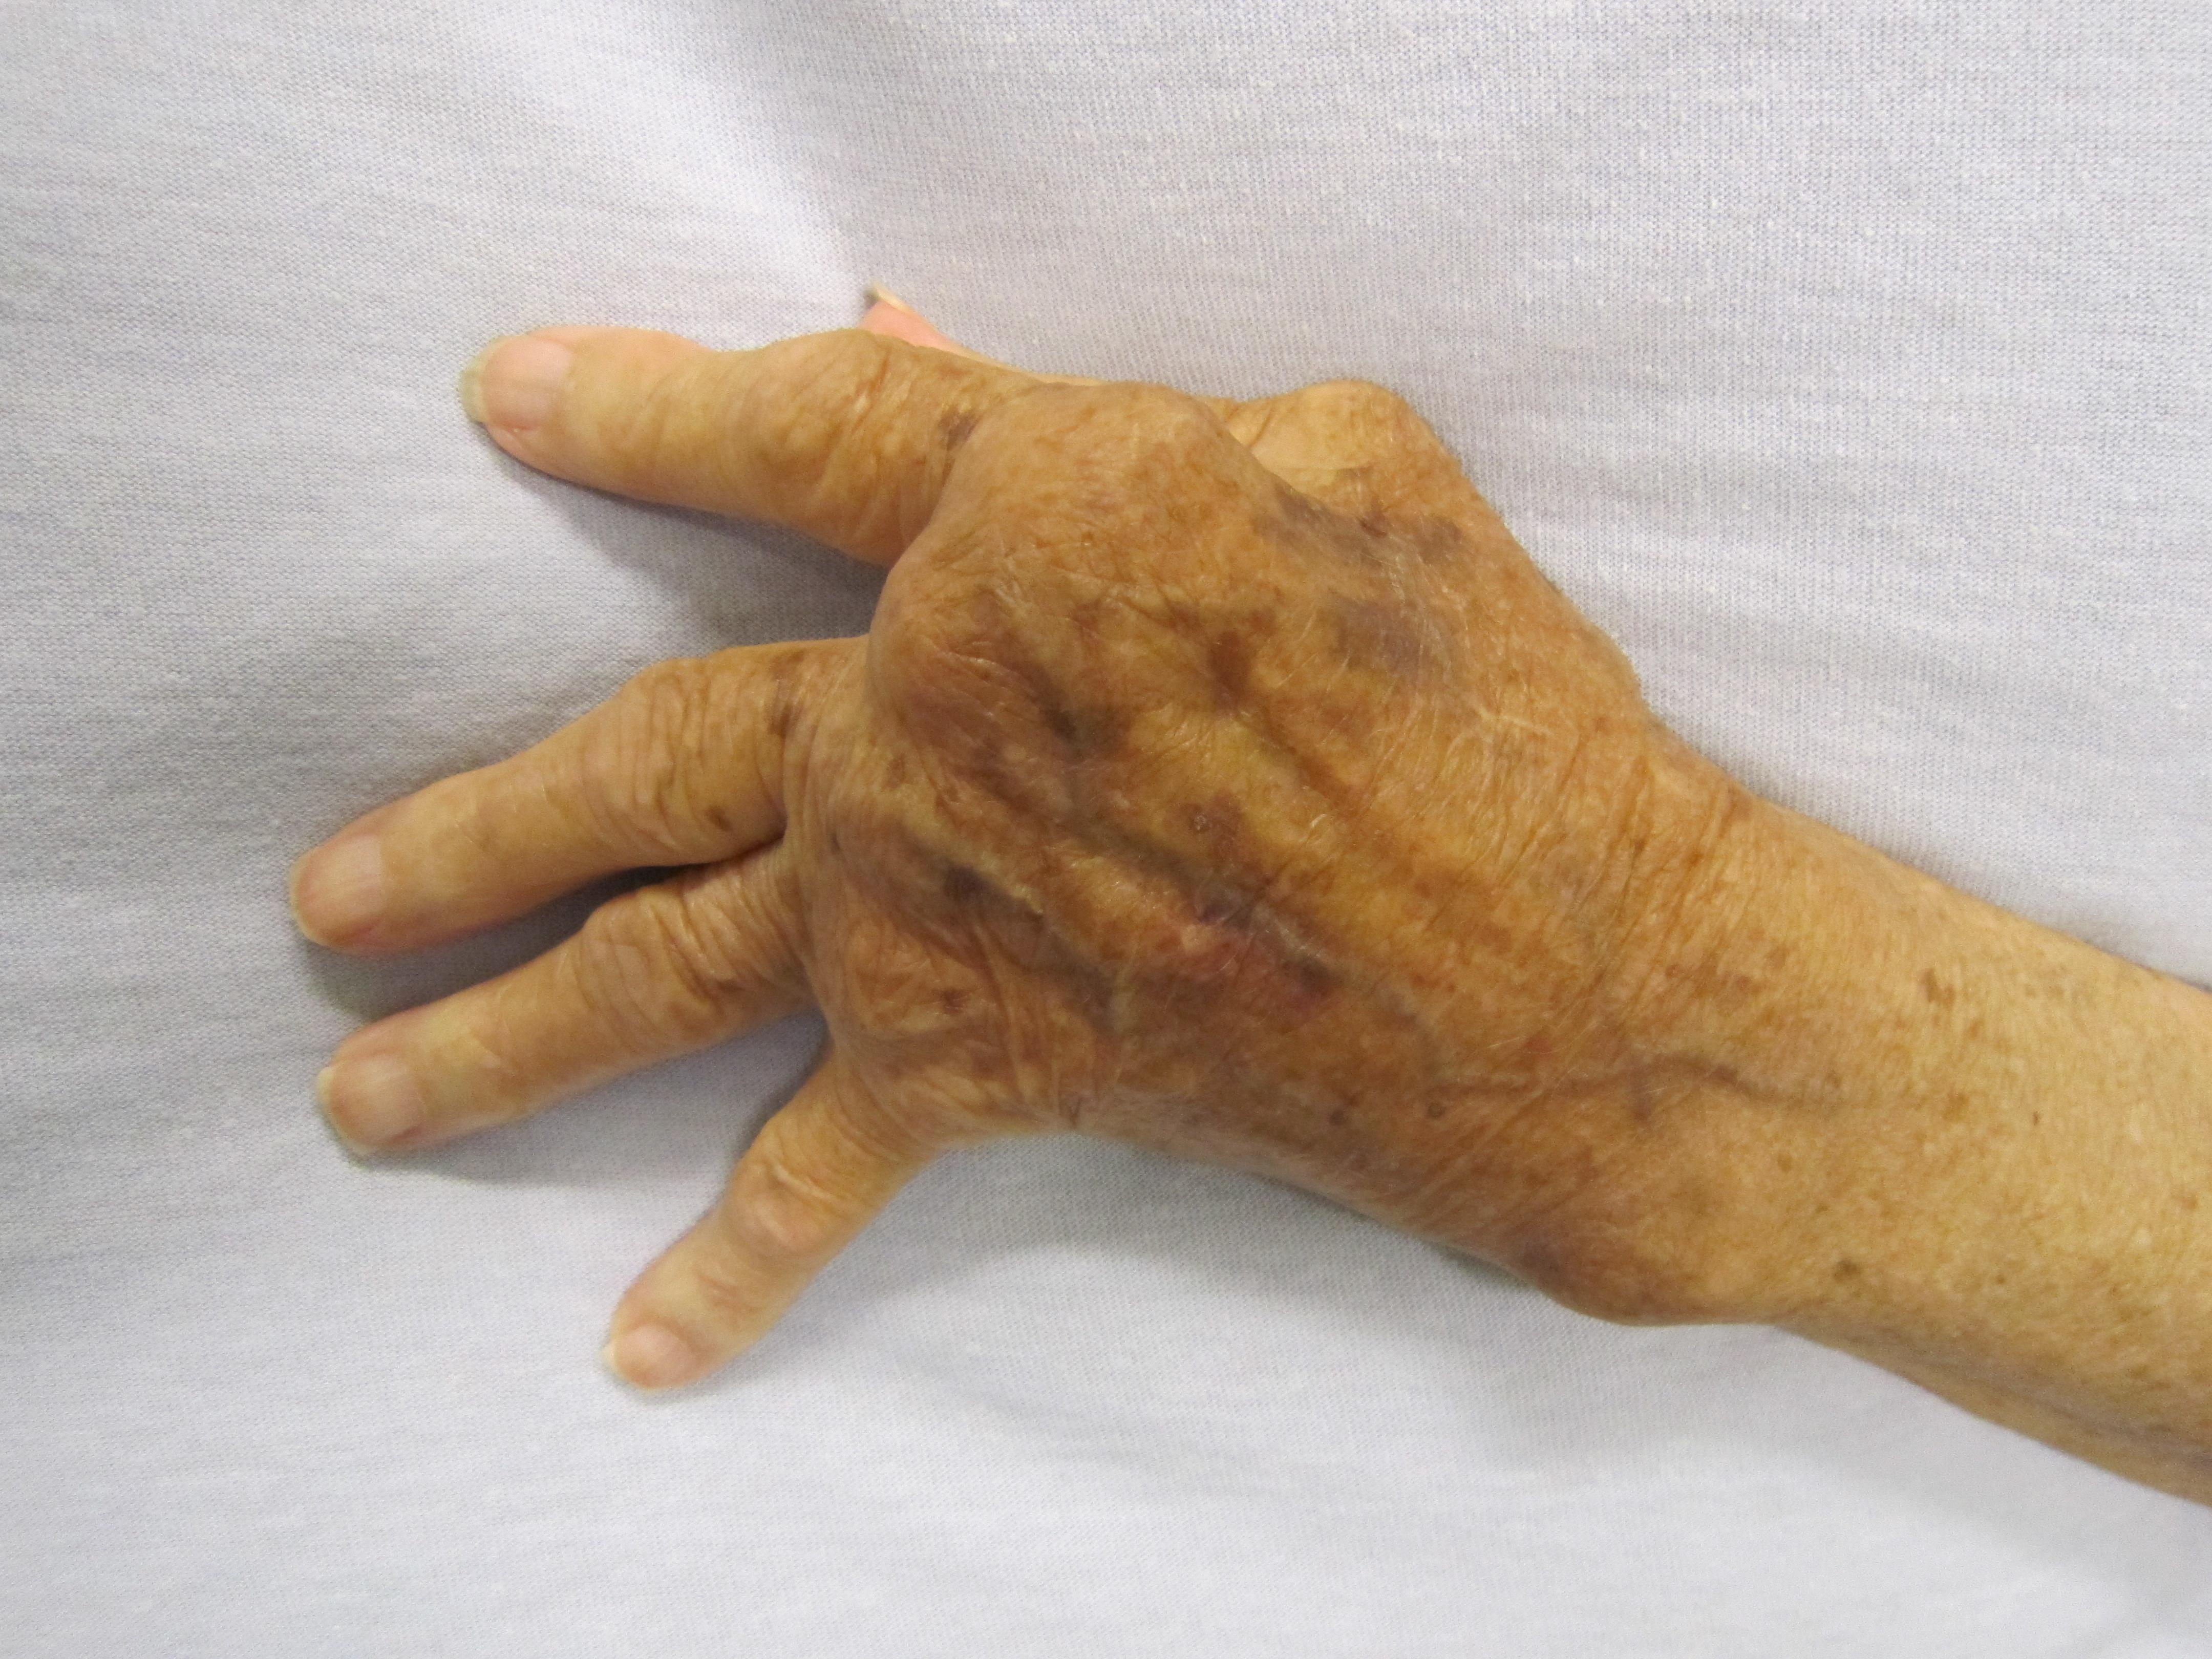 artrózis és ízületi gyulladás kezelése mézzel gimnasztika az ujjak ízületeiben